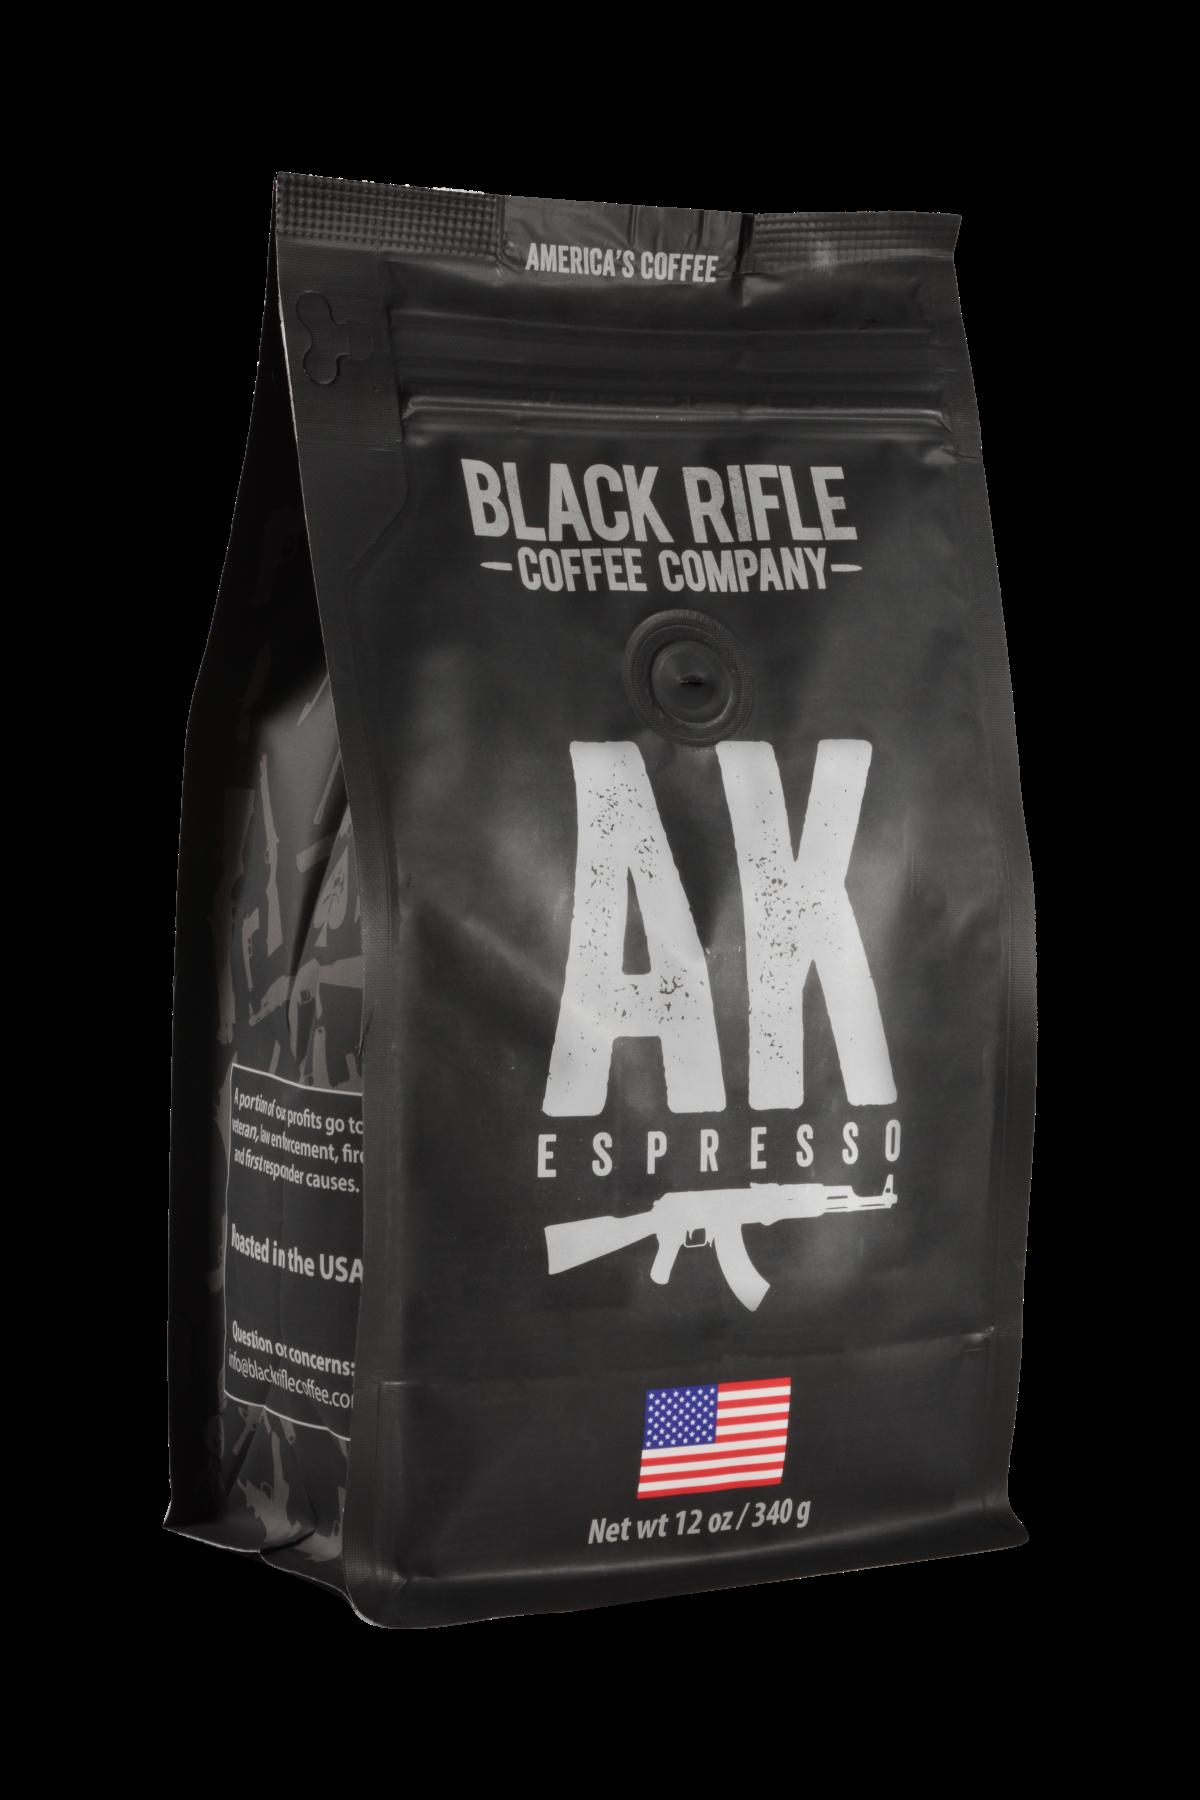 Black Rifle Coffee AK-47 Espresso Blend Coffee - 12 oz whole bean